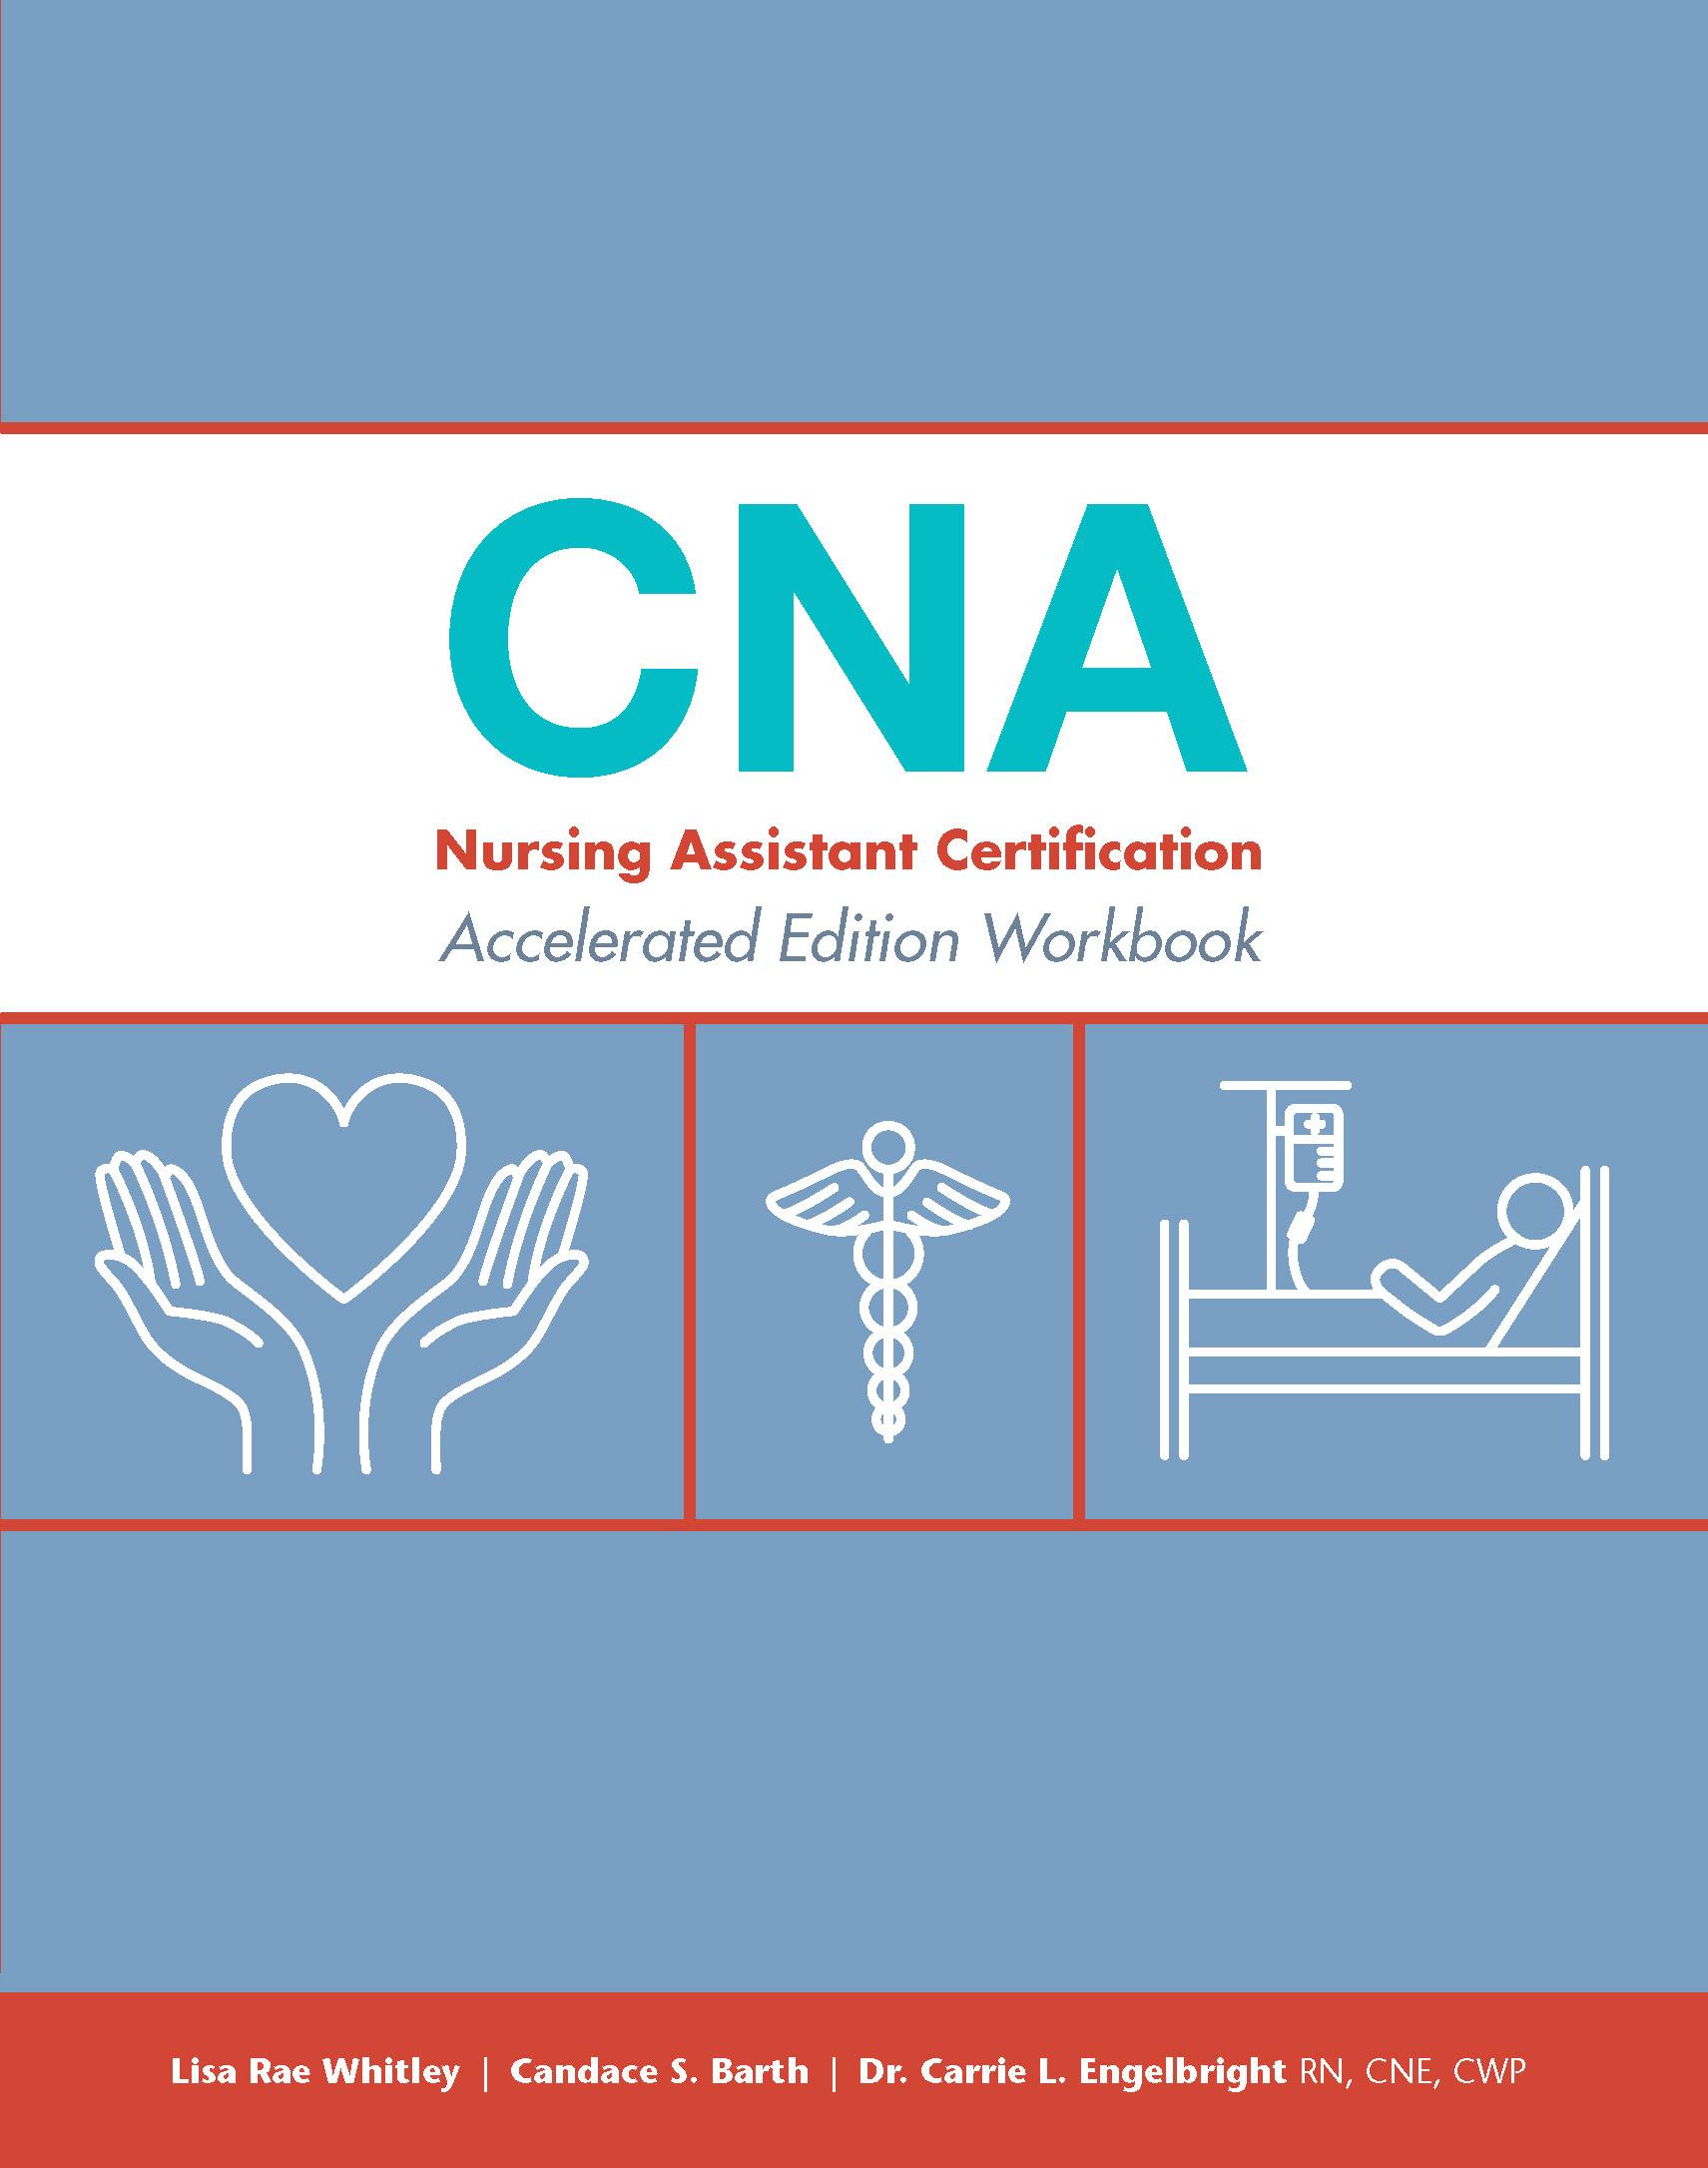 CNA Accelerated Workbook cover